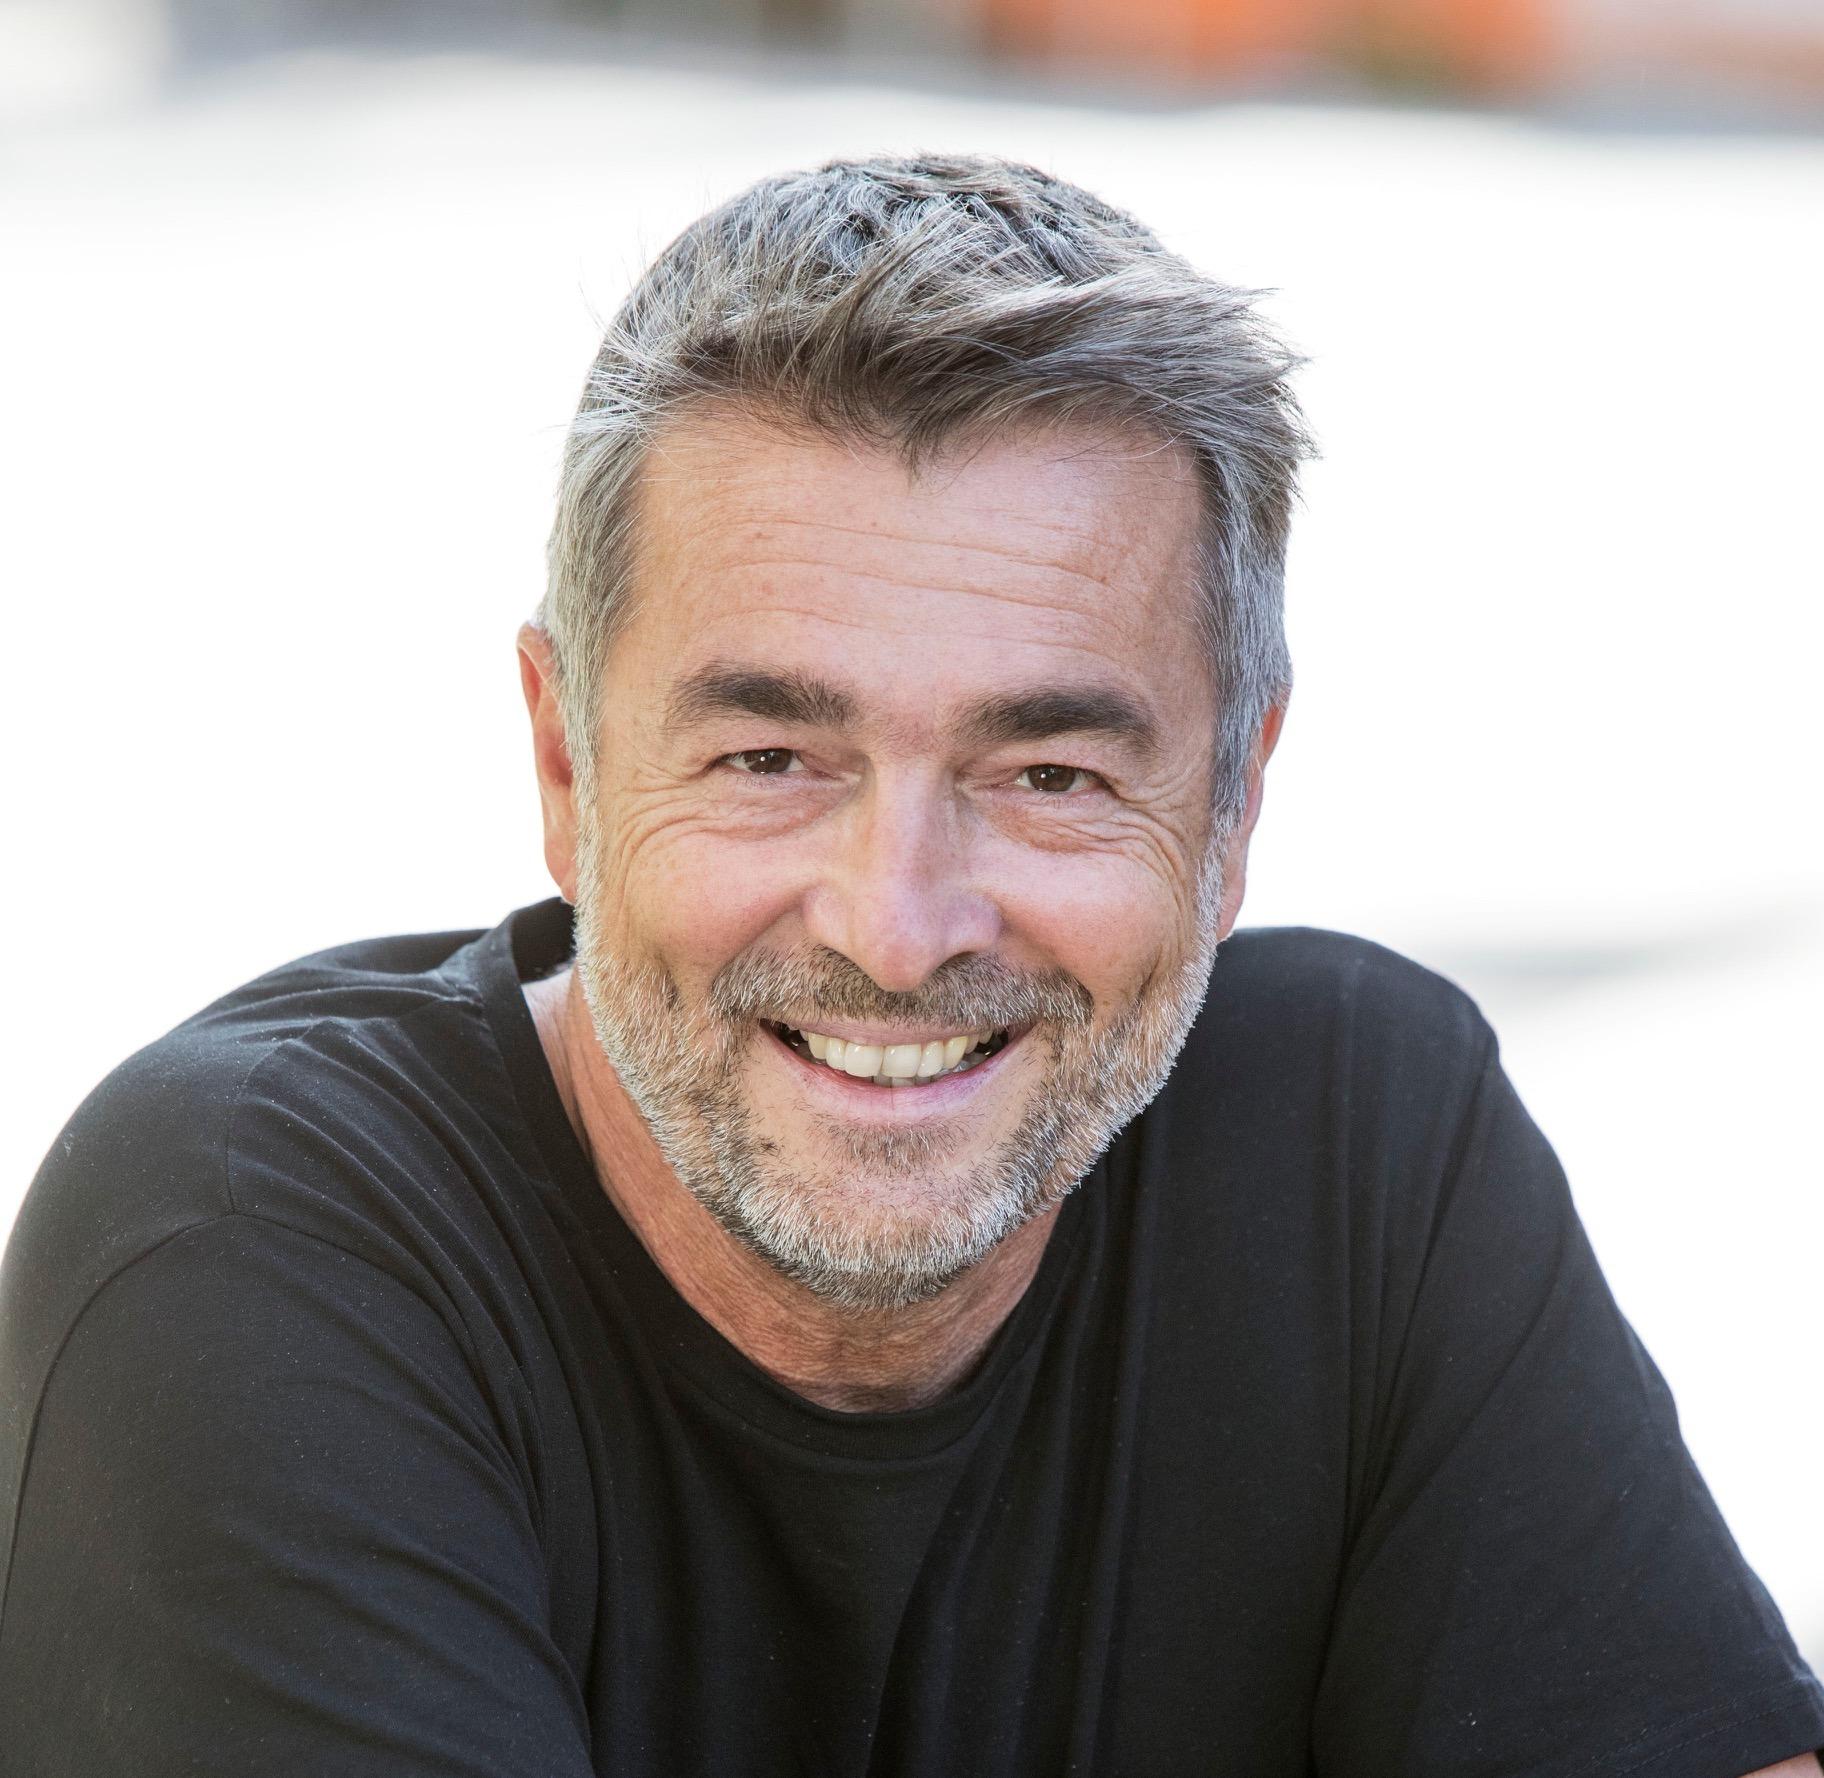 Stefan_Gubser_%C3%A2%C2%88%C2%8F_Sabine_